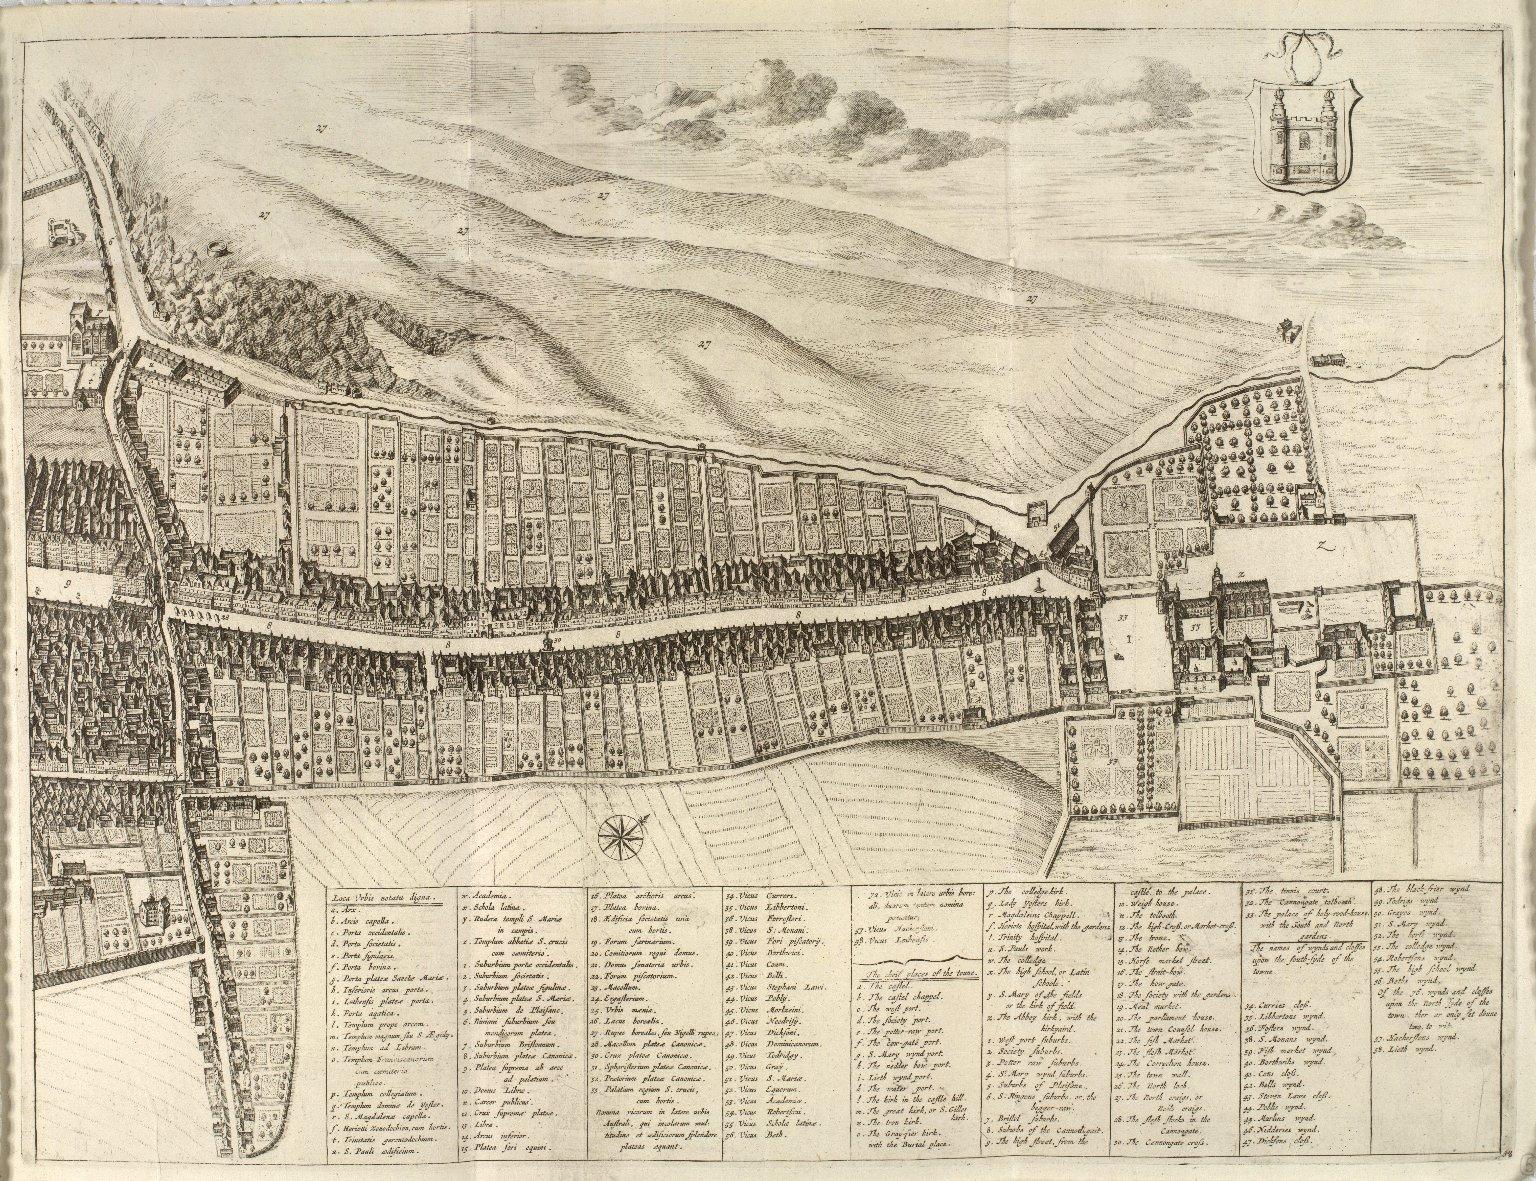 Plan de la ville d'Edinbourg, capitale d'Ecosse. [2 of 2]